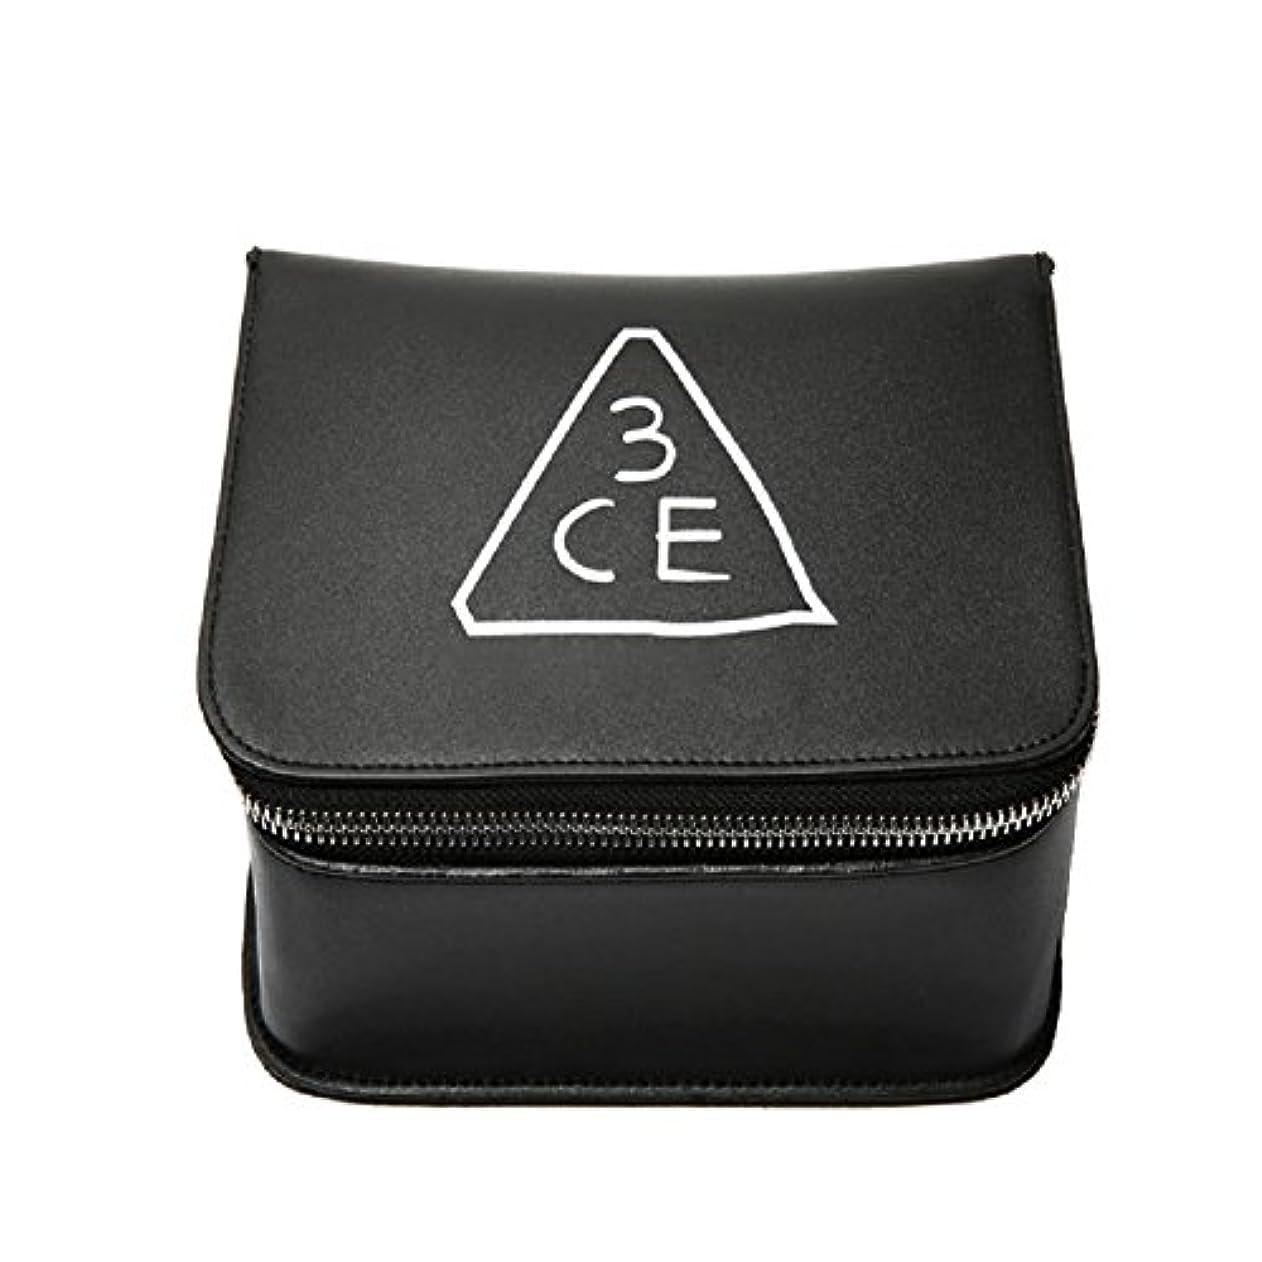 アンビエント素人椅子3CE(3 CONCEPT EYES) COSMETIC BOX POUCH 化粧品 BOXポーチ stylenanda 婦人向け 旅行 ビッグサイズ[韓国並行輸入品]